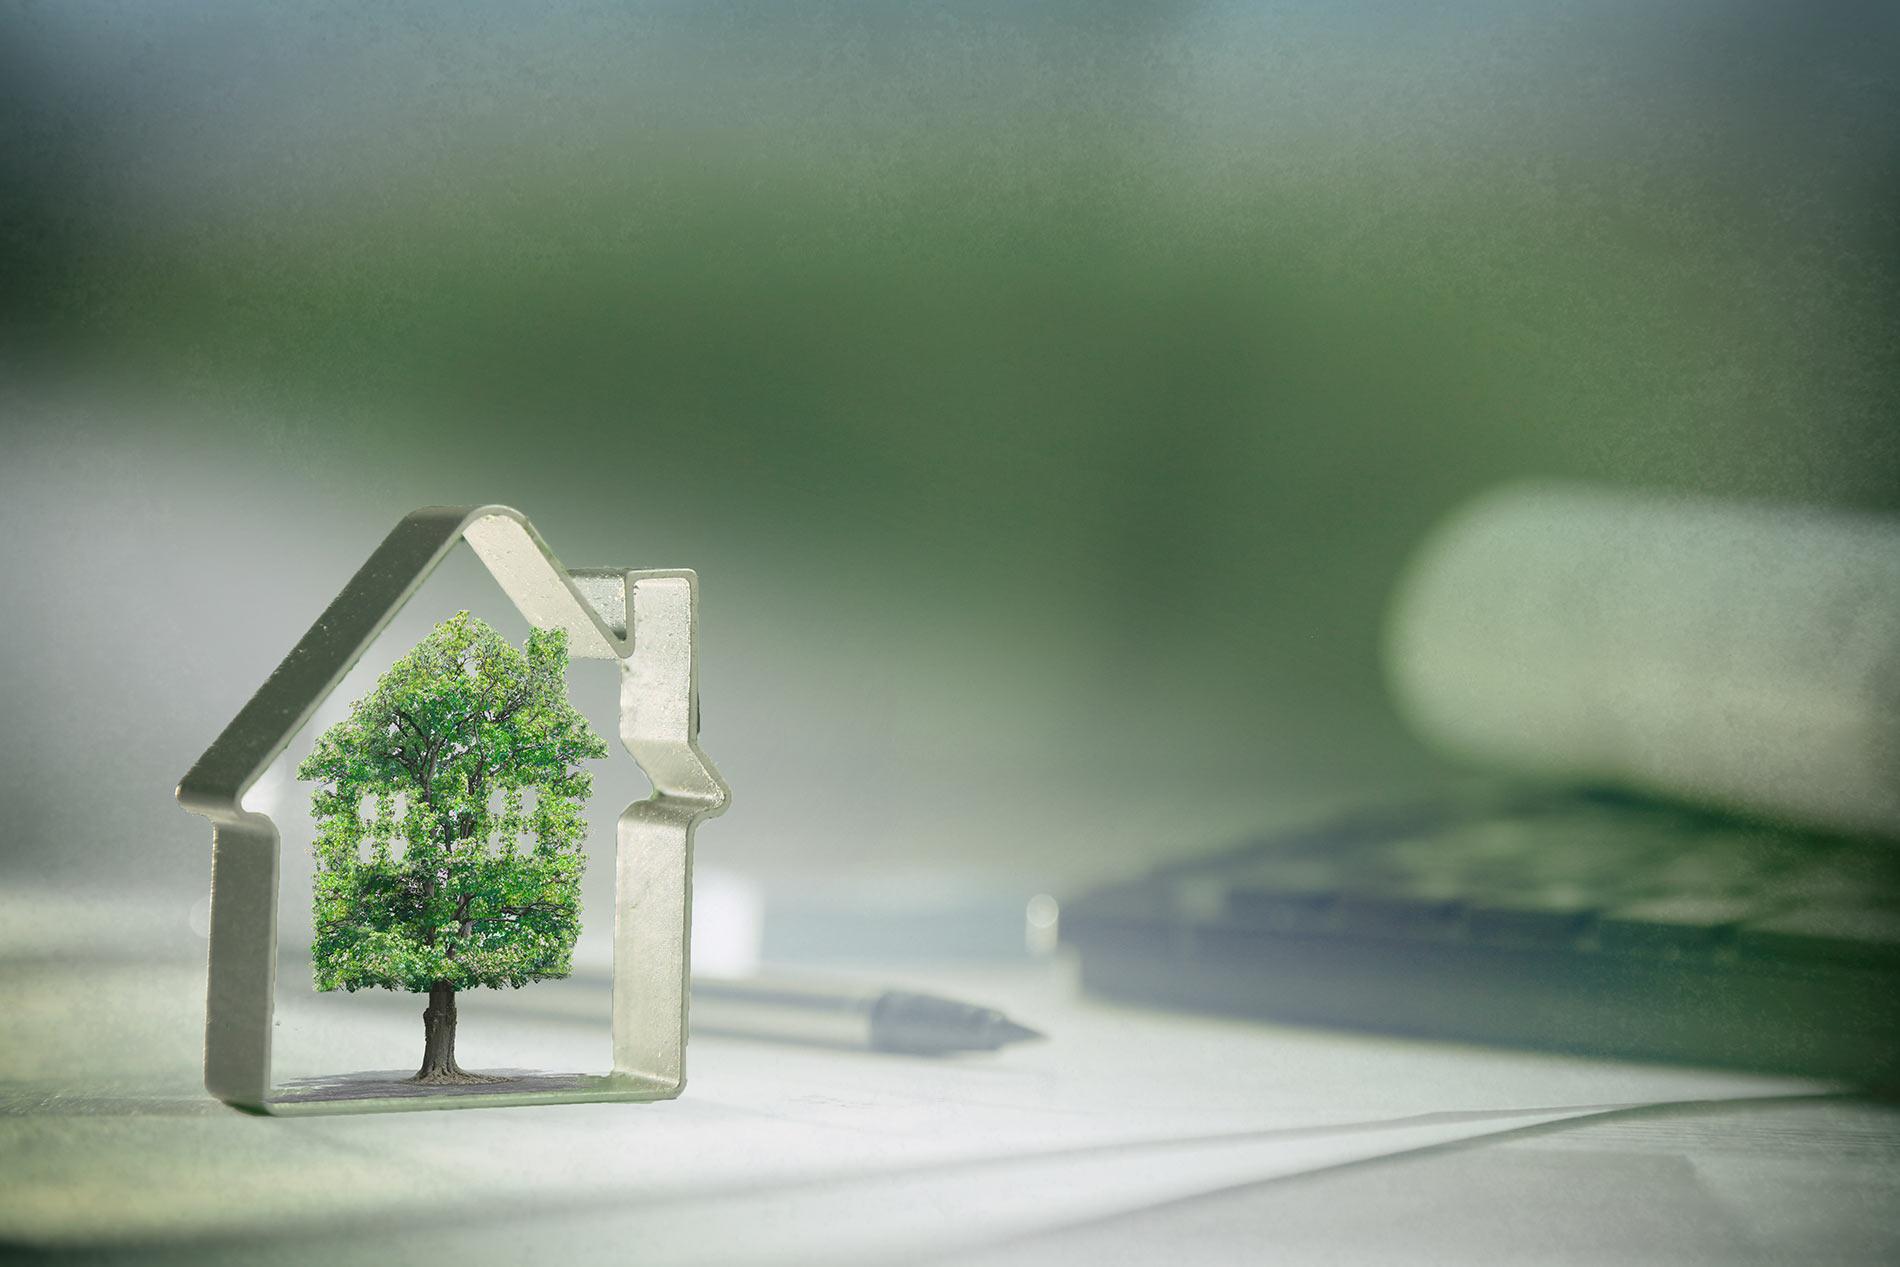 Kleiner Baum in Haus